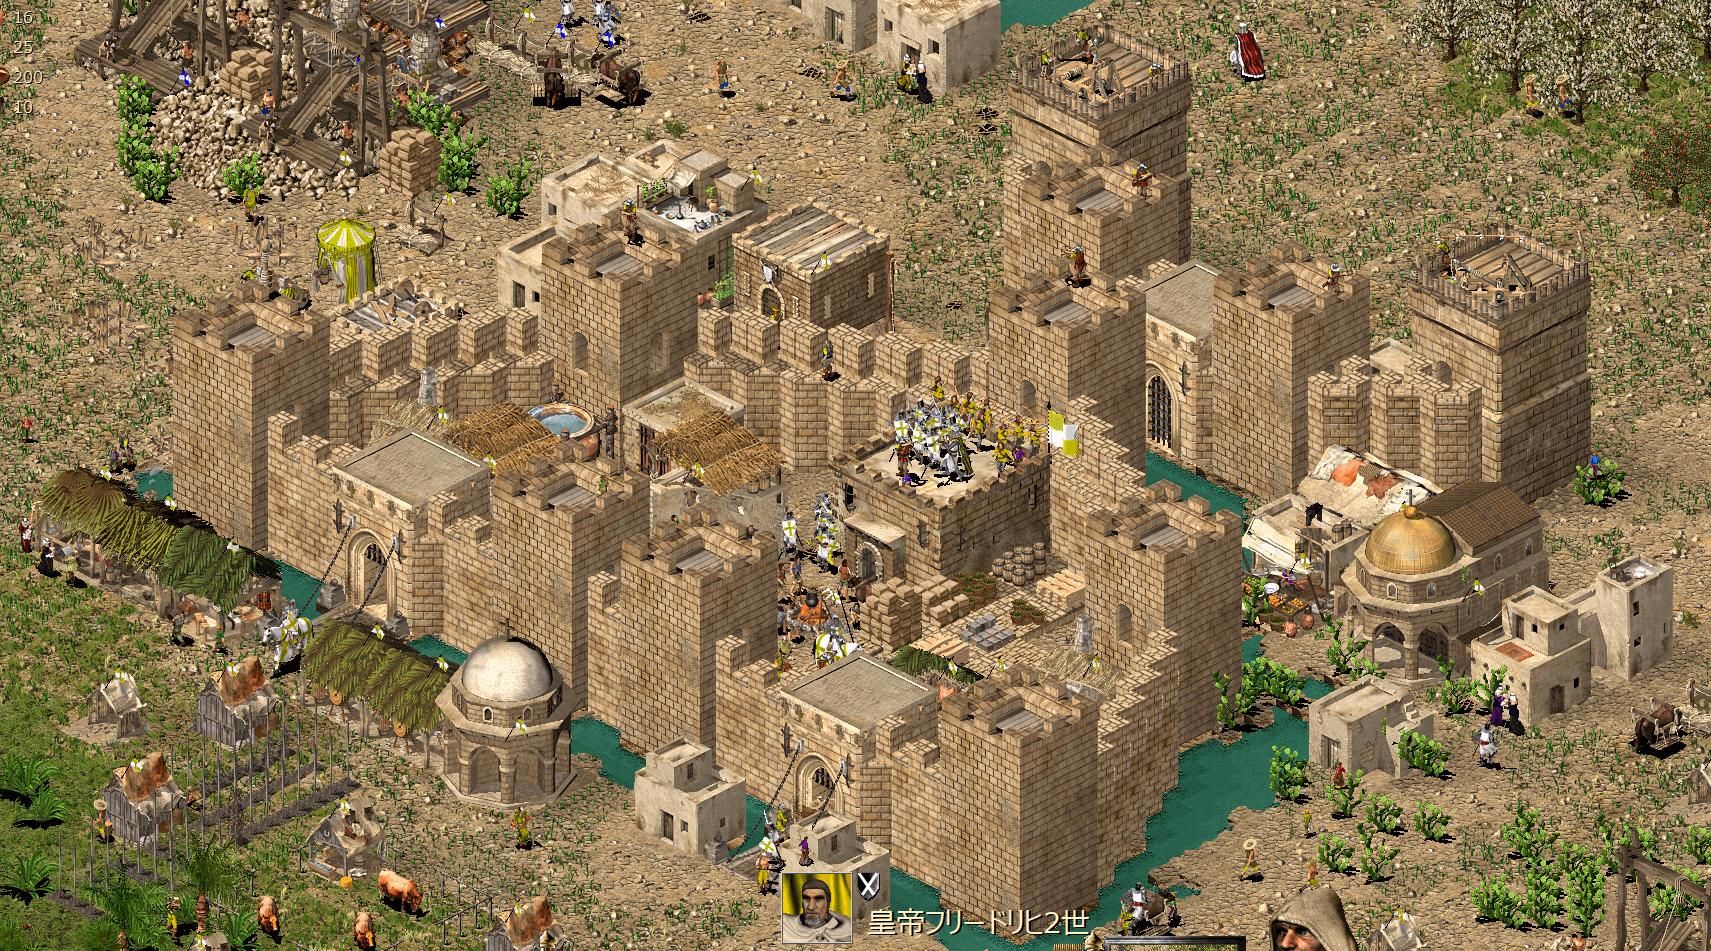 皇帝フリードリヒの要塞